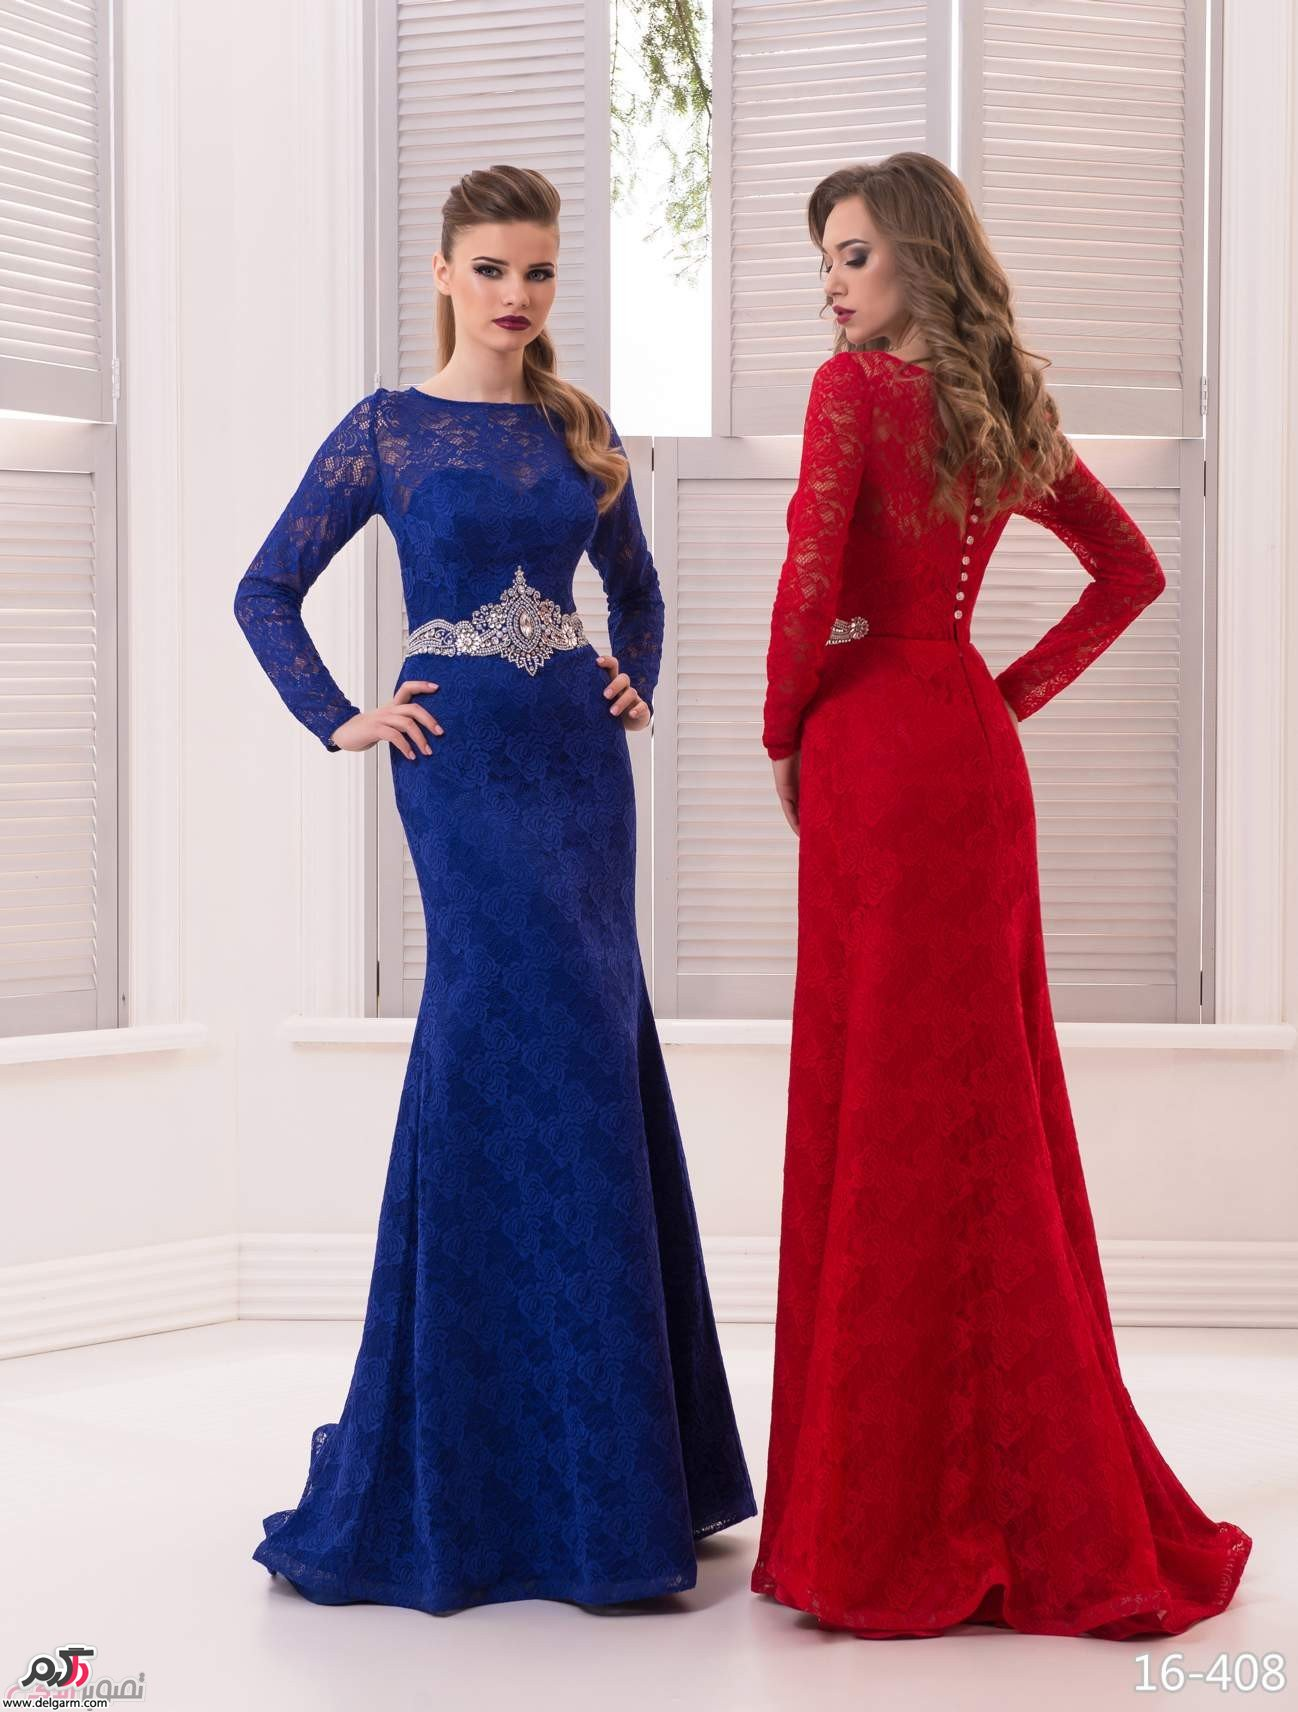 مدل لباس شب مخمل 2017 جدیدترین مدل لباس شب مجلسی 2017